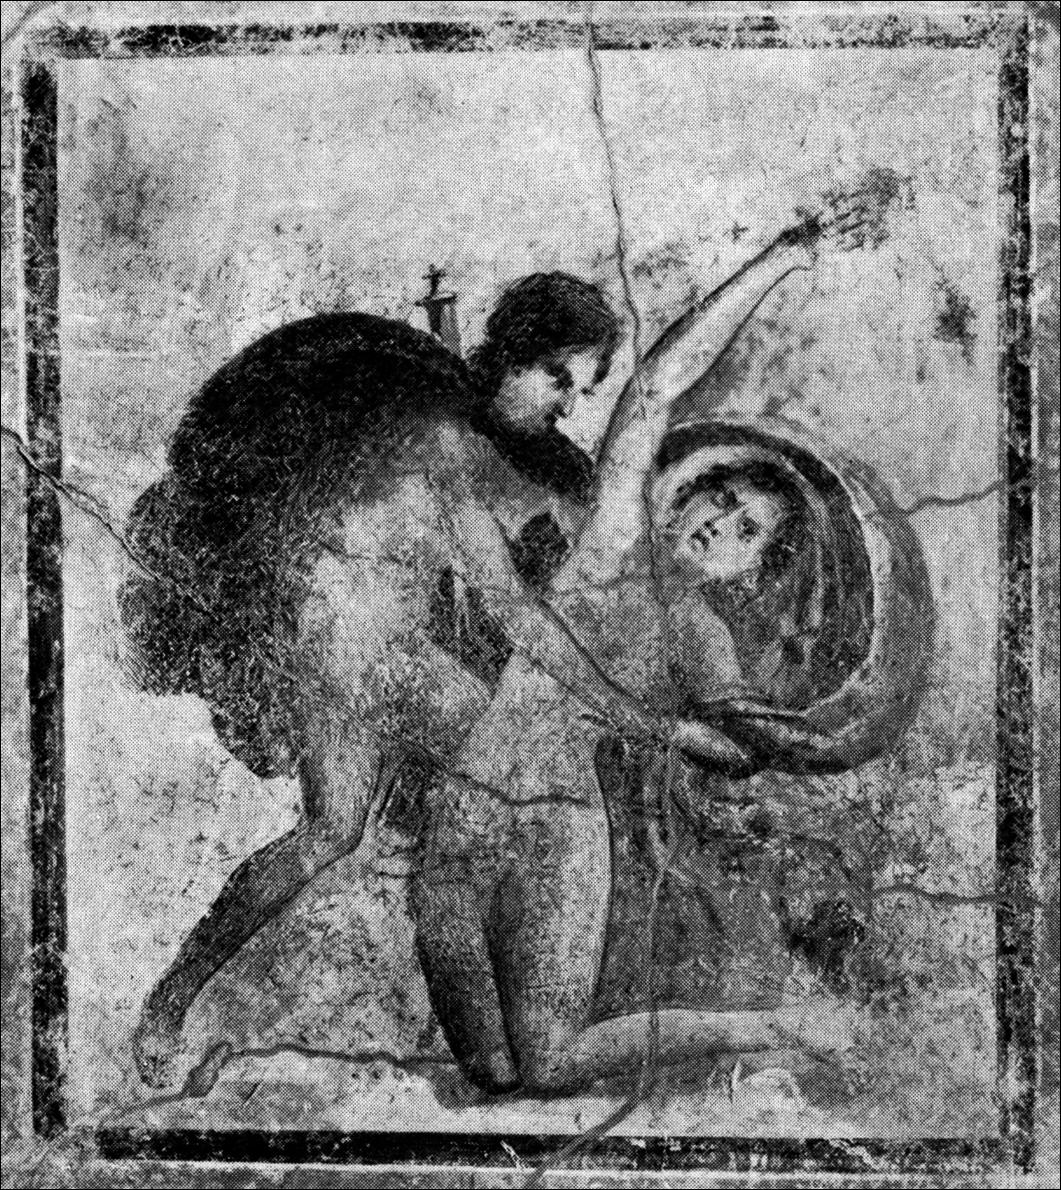 2. - Fresco de una casa de Pompeya S. I dc, 70-79. Nápoles Museo arqueológico nacional.